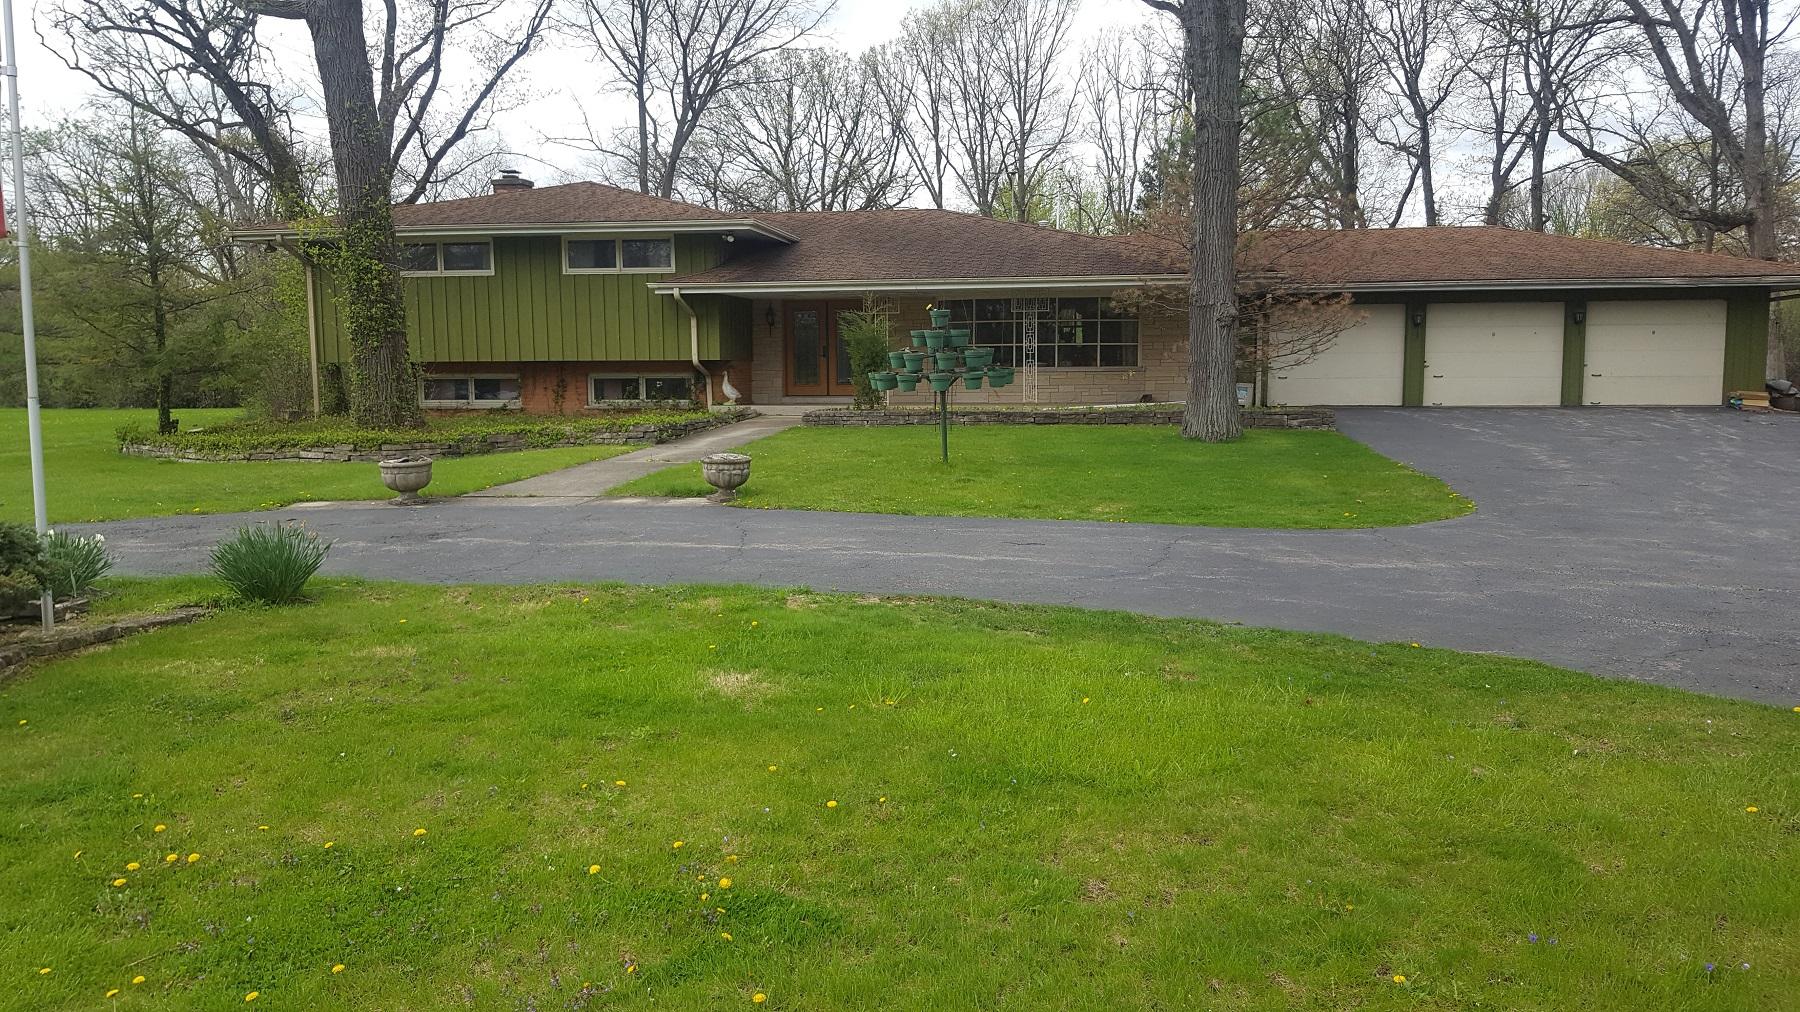 土地 为 销售 在 3412 York Road 橡溪镇, 伊利诺斯州, 60523 美国